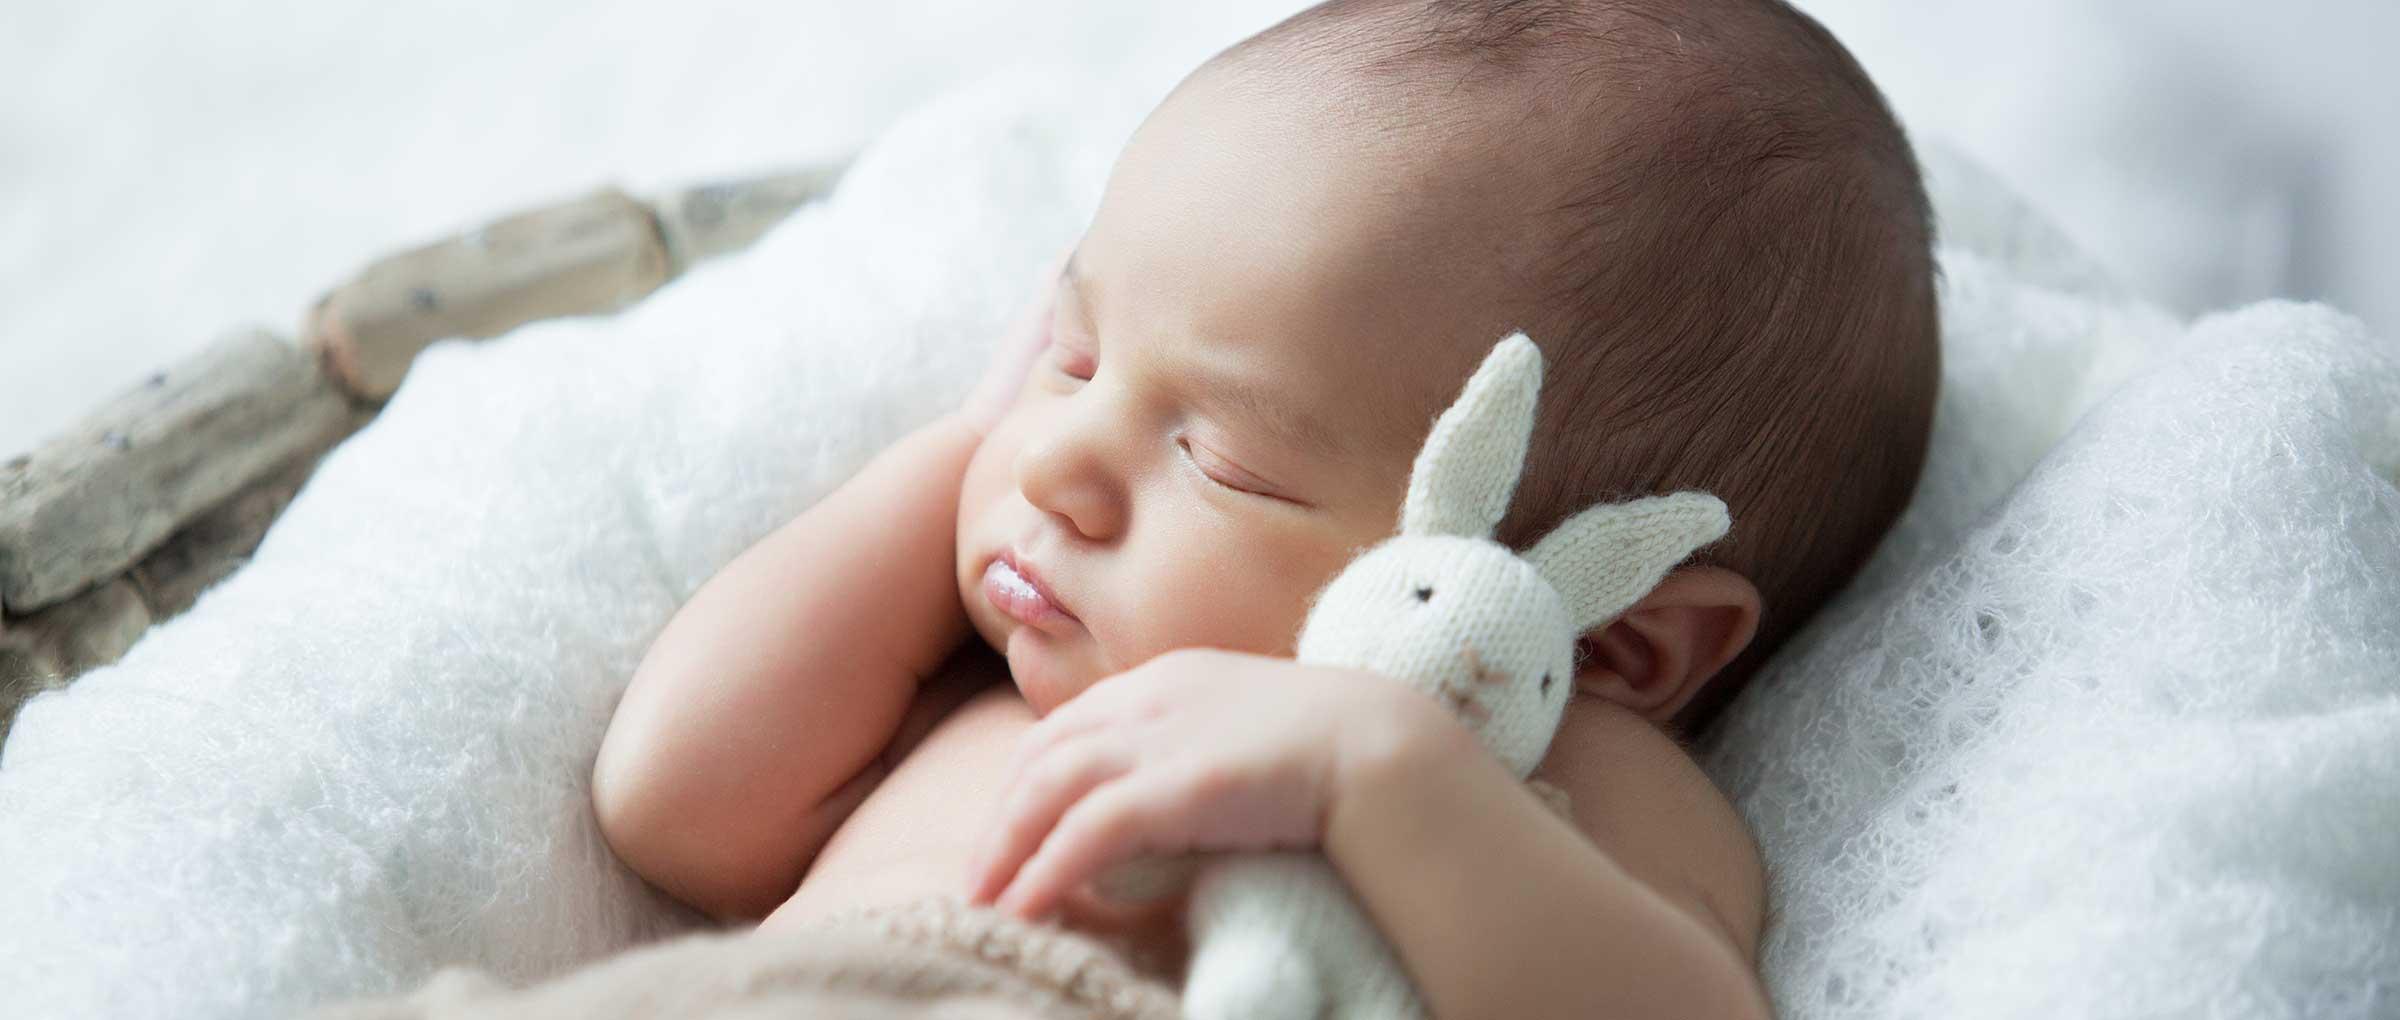 Maman pour la première fois. Soins du nouveau-né